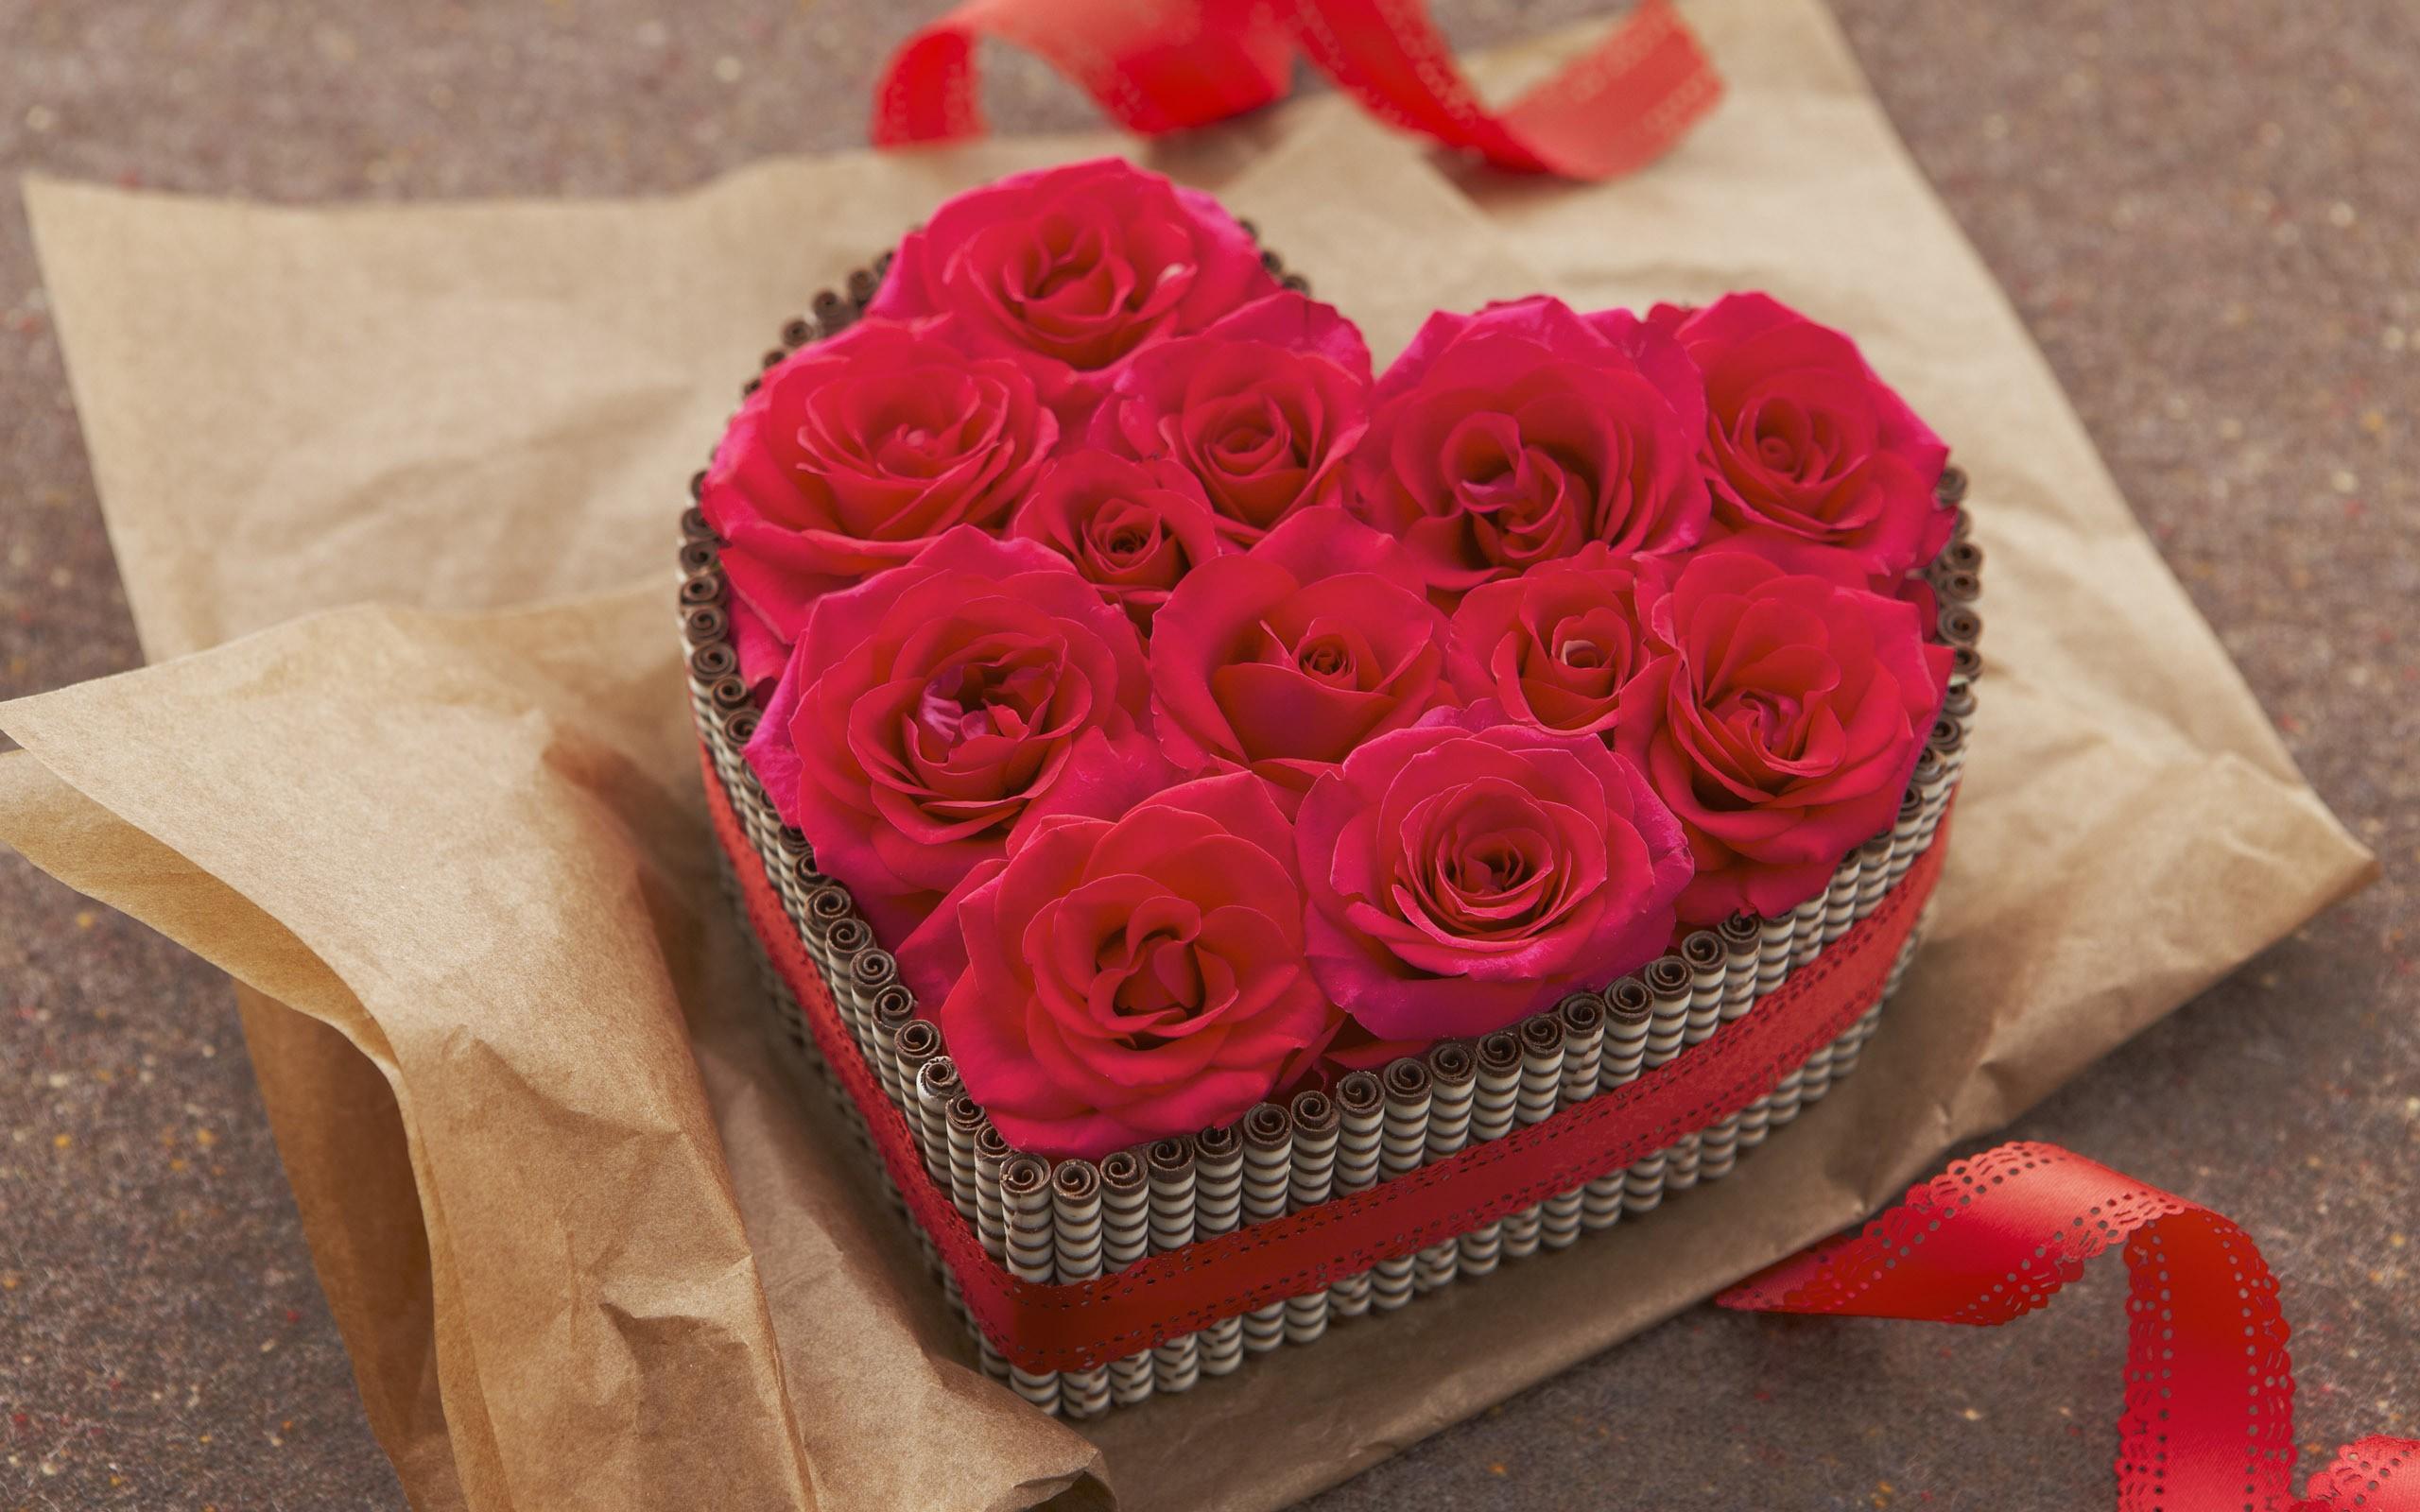 Regalo de rosas - 2560x1600